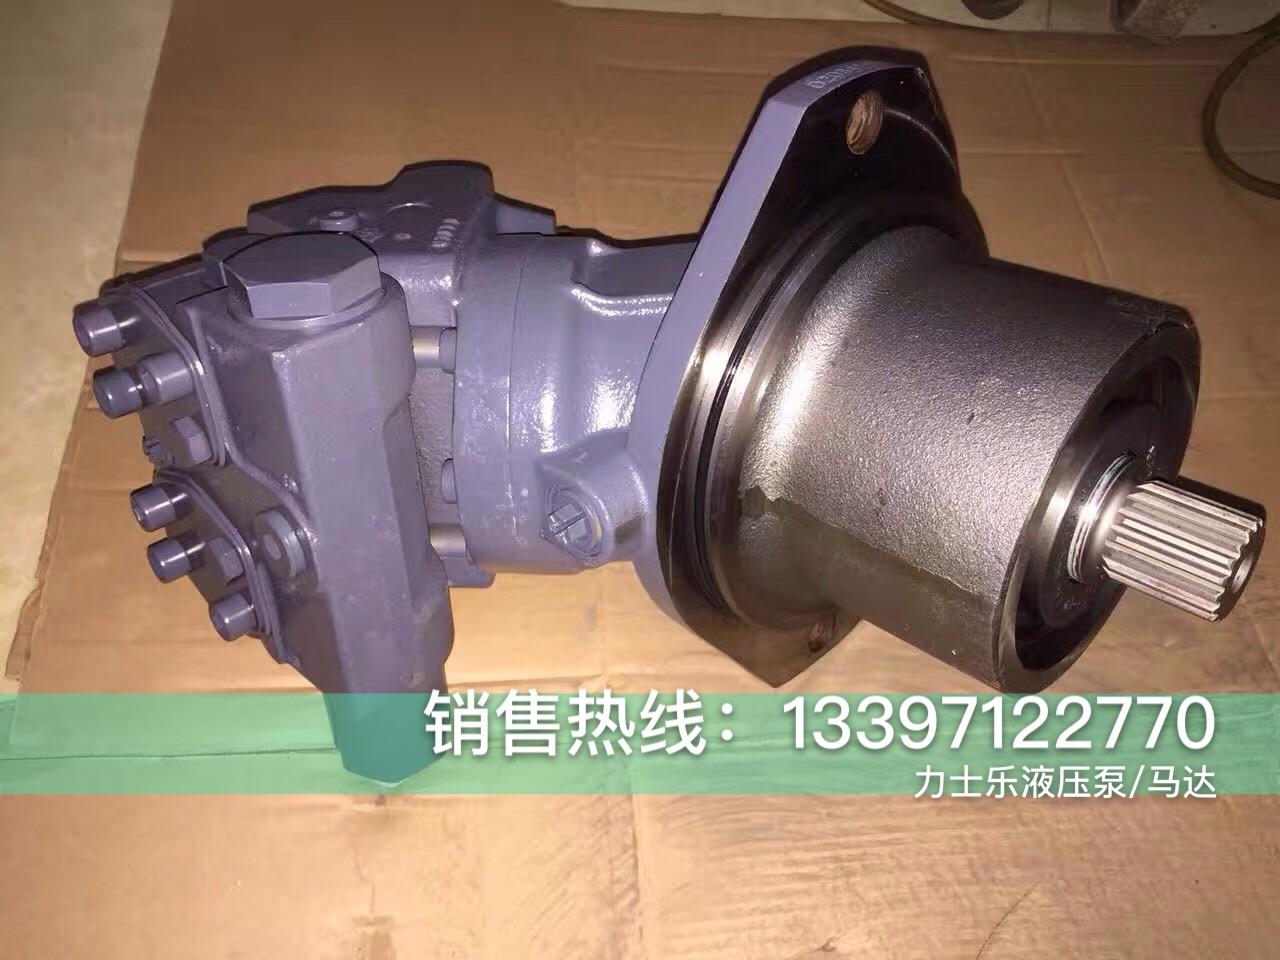 混凝土泵车三一混凝土泵车液压柱塞泵A10VO28德国